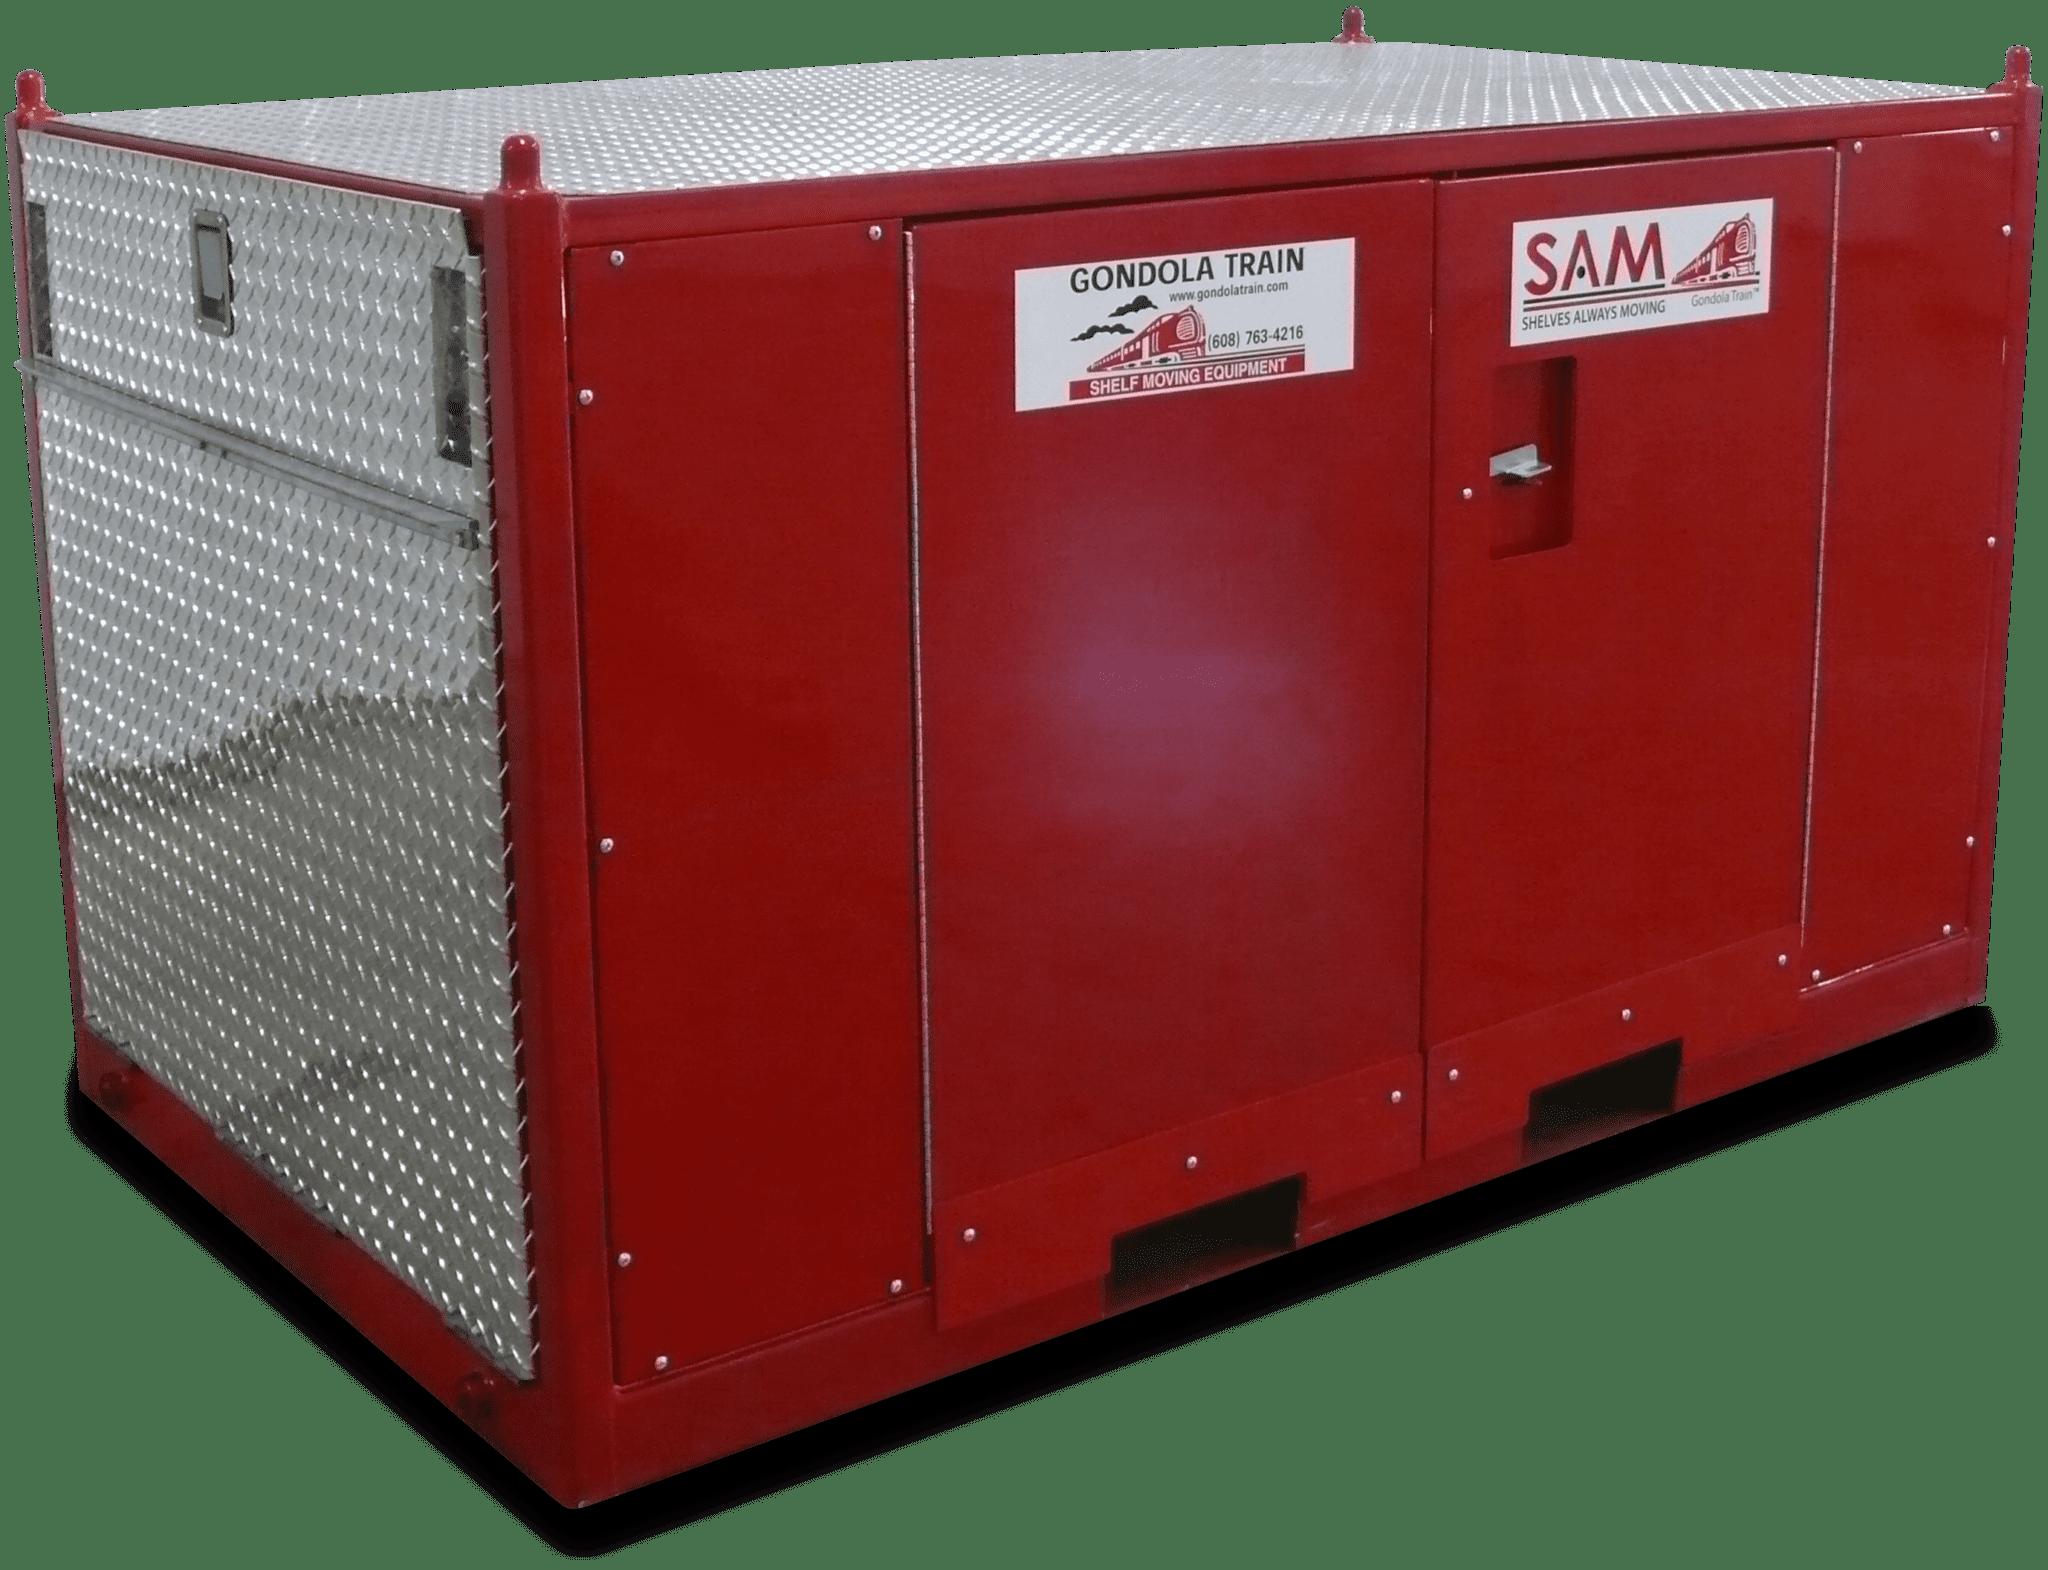 Red diamond plate equipment storage box.